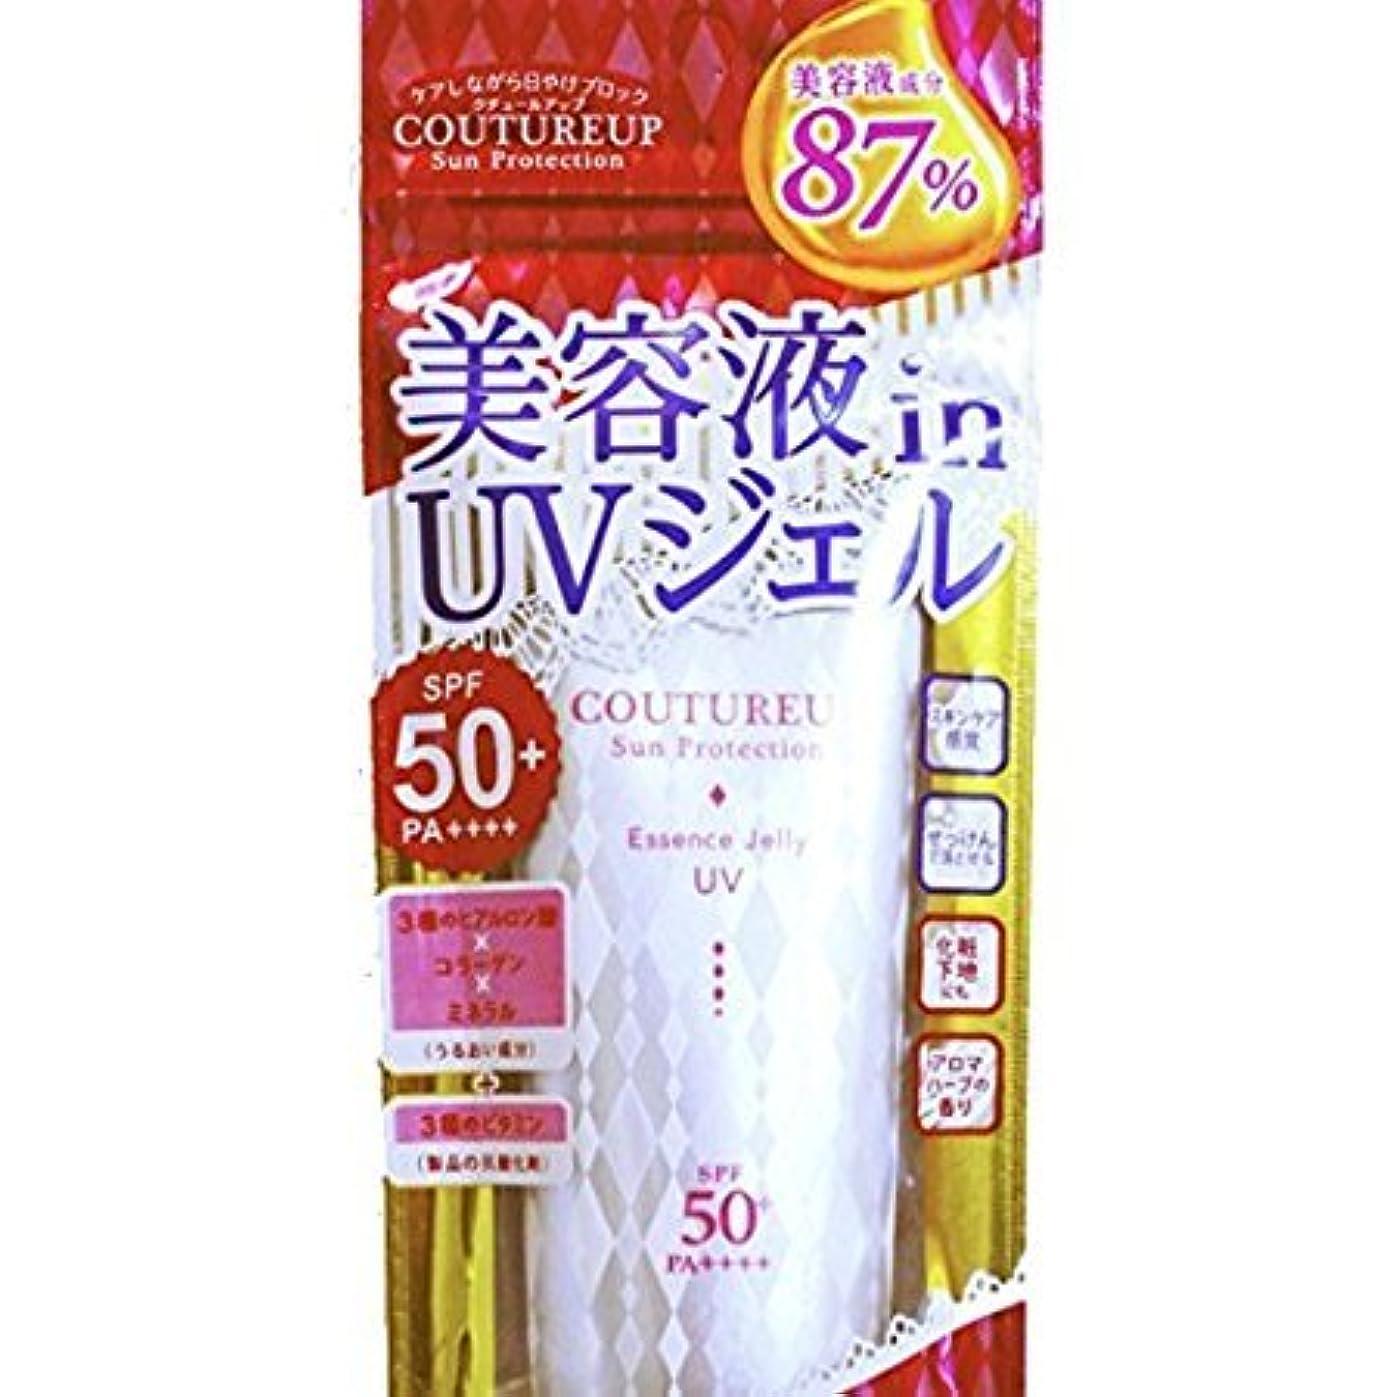 湿気の多い石化するかろうじて美容液 in UVジェル SPF50+/PA++++ 65g 美容液成分87% 日焼け止め&化粧下地